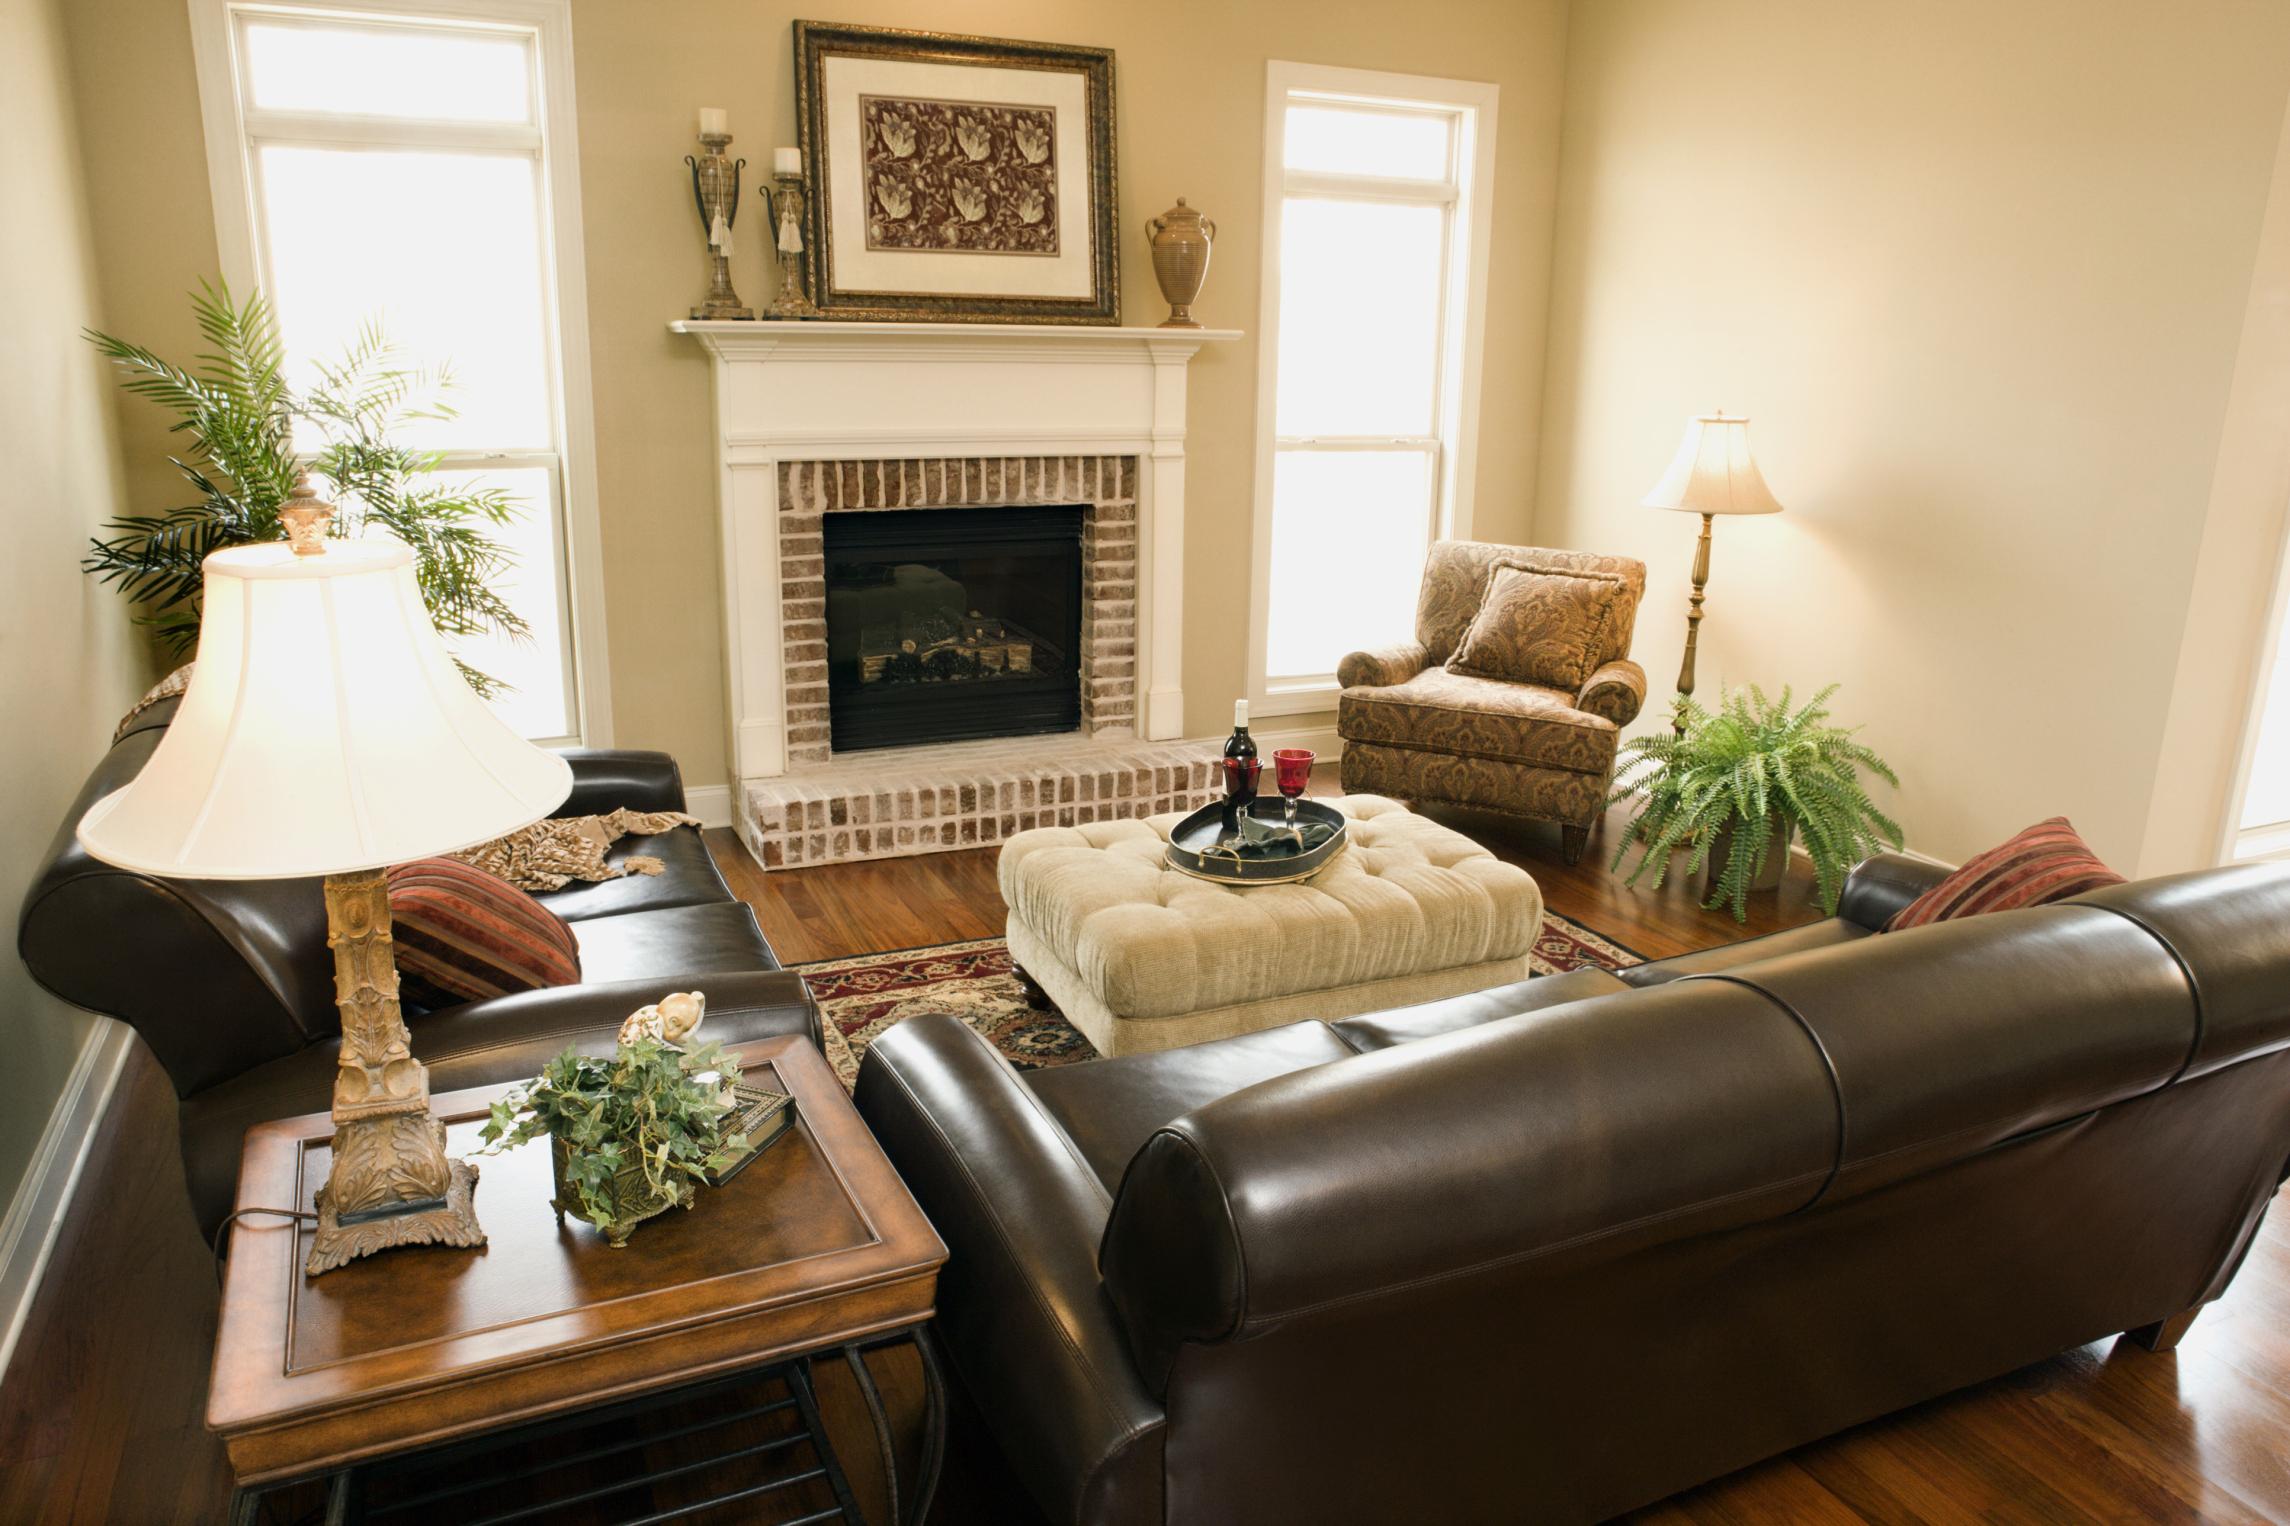 cómo decorar usando muebles de cuero marrón oscuro   ehow en español - Pintura Para Salas De Piel